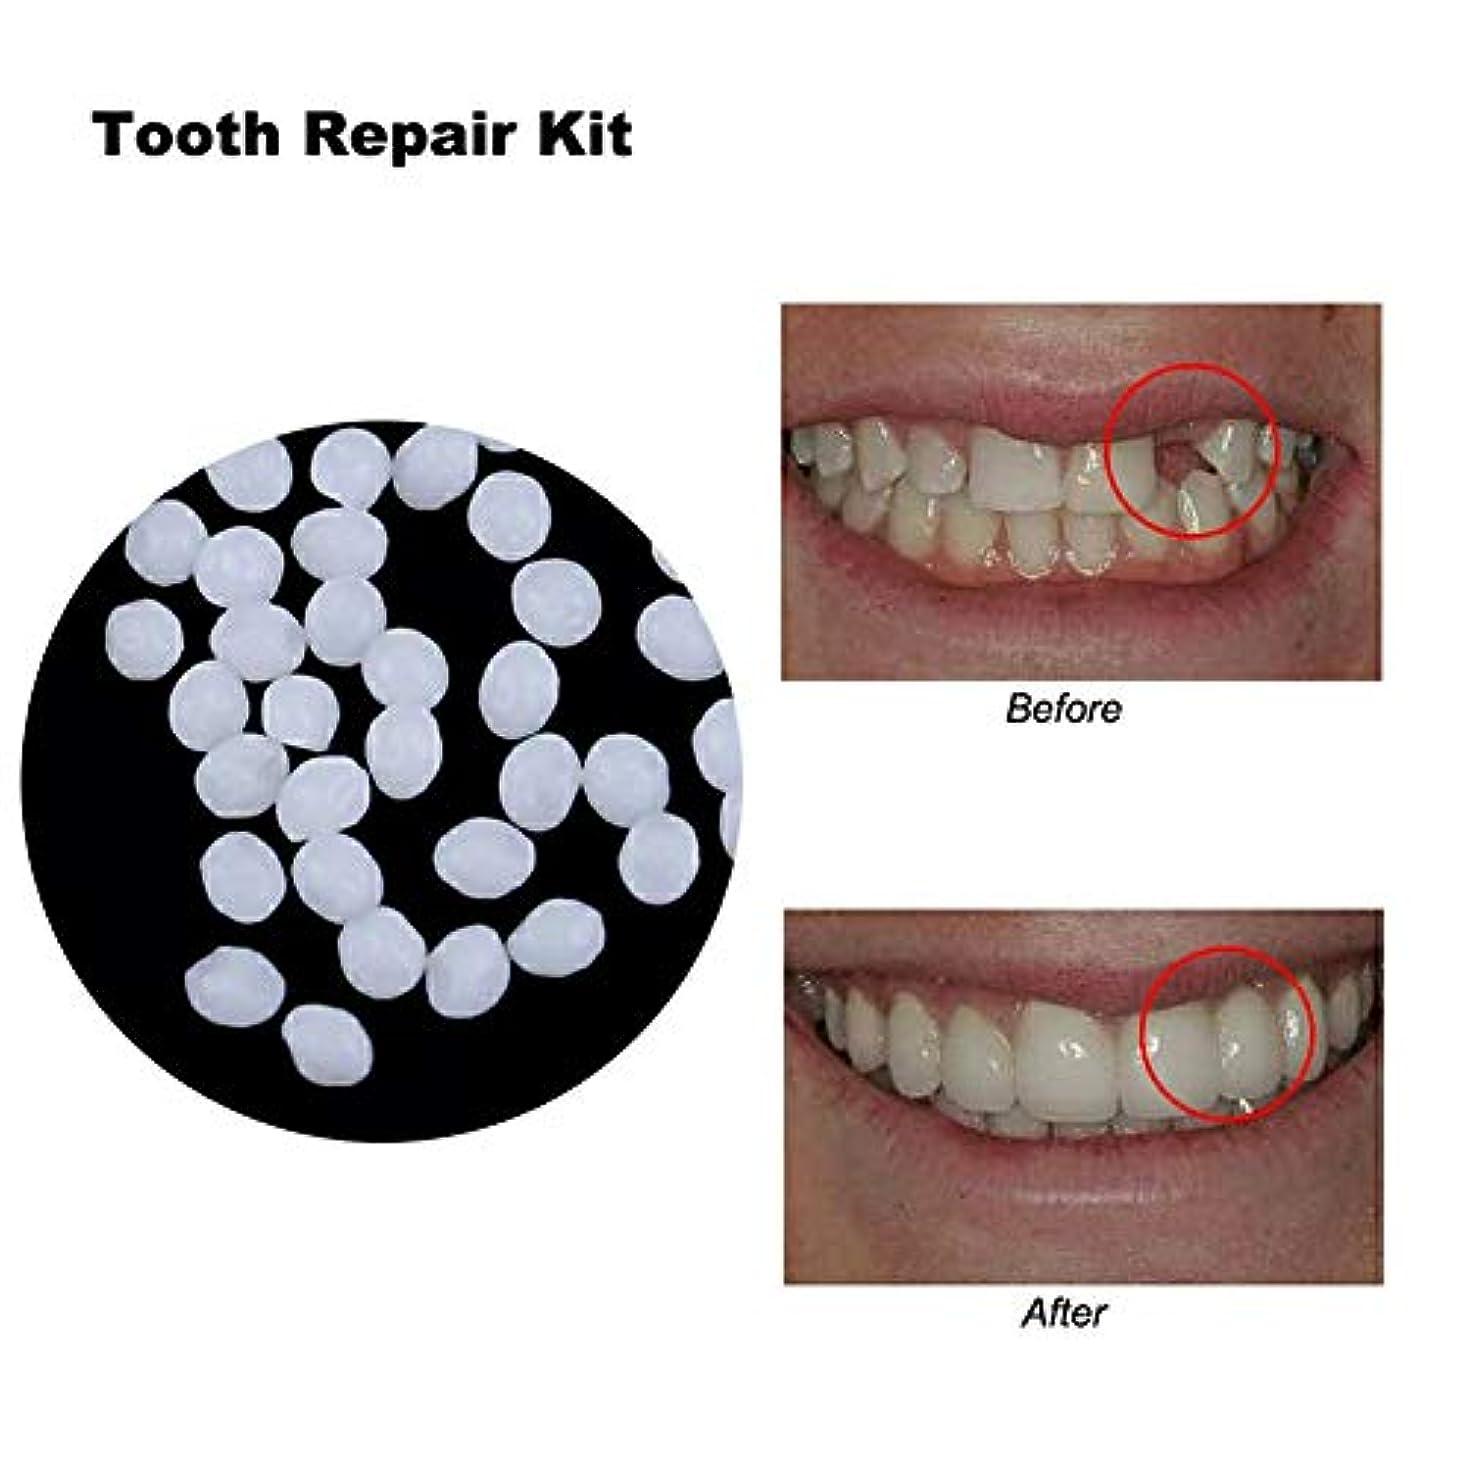 集計切り離すエンドウ偽歯固体接着剤、樹脂の歯とギャップのための一時的な化粧品の歯の修復キットクリエイティブ義歯接着剤,10ml14g